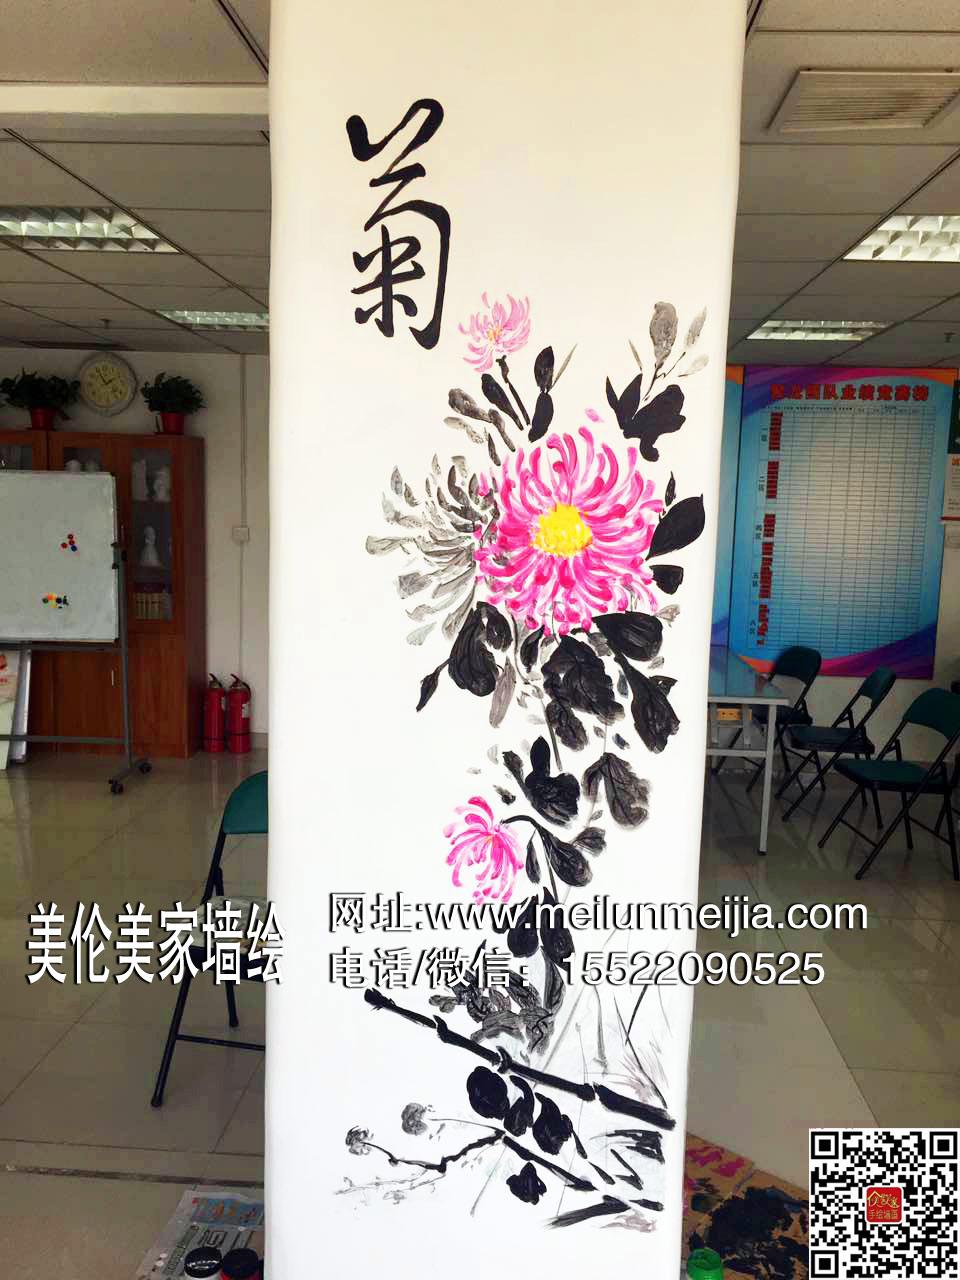 梅兰竹菊墙绘,办公室墙画,公司彩绘墙,文化墙宣传画,天津墙绘,天津墙体彩绘,天津手绘墙画